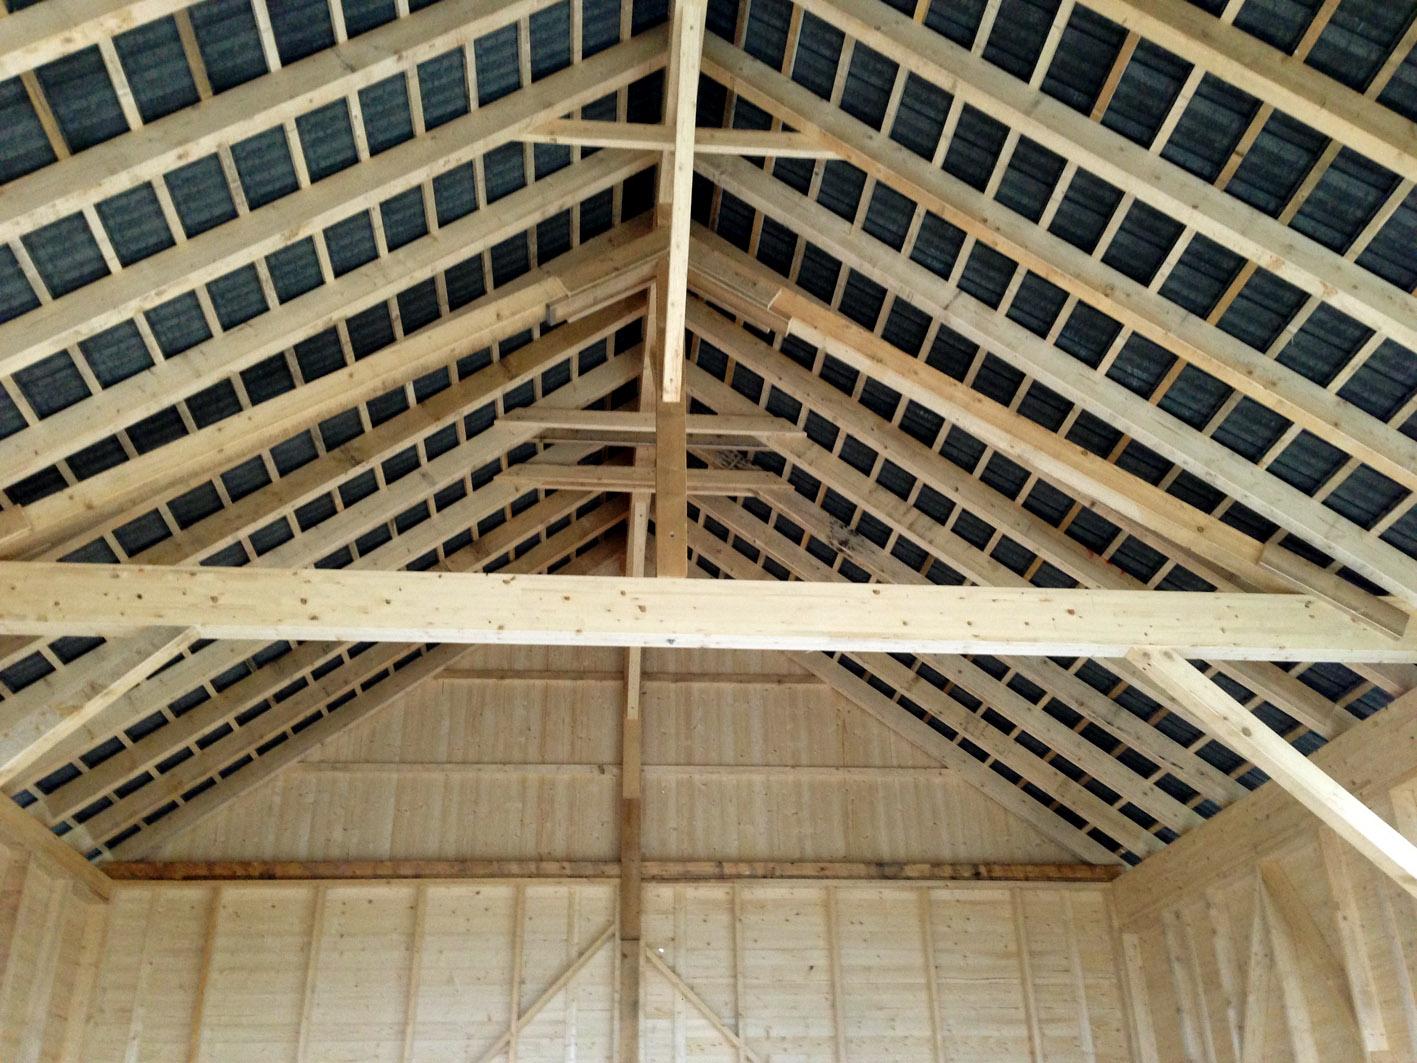 Holzdachstuhl in einer Scheune / Nebengebäude by Z+H Weber